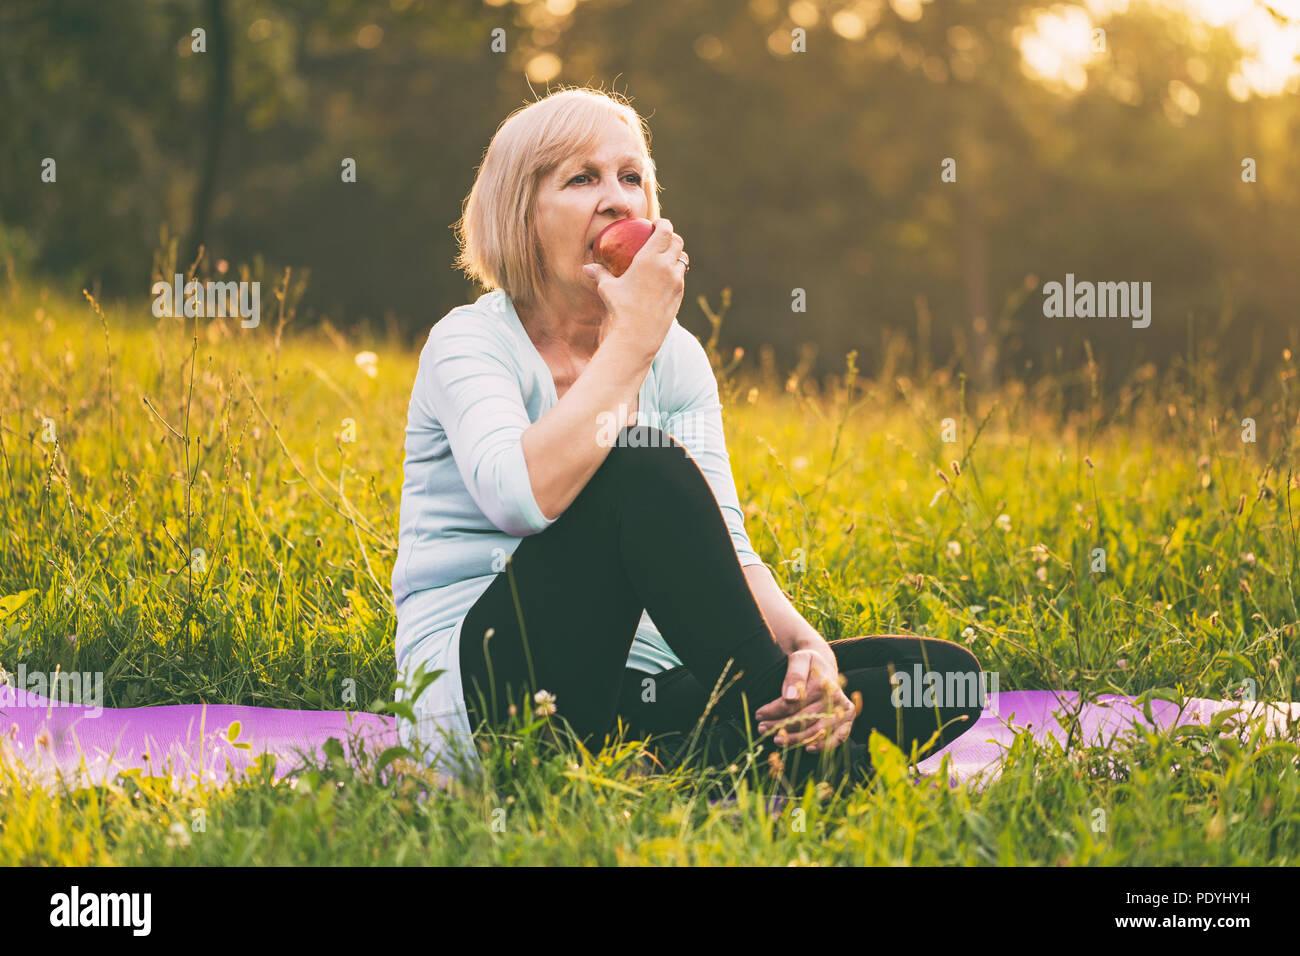 Altos funcionarios de la mujer manzana comer después del ejercicio.Imagen es intencionalmente tonificado. Imagen De Stock